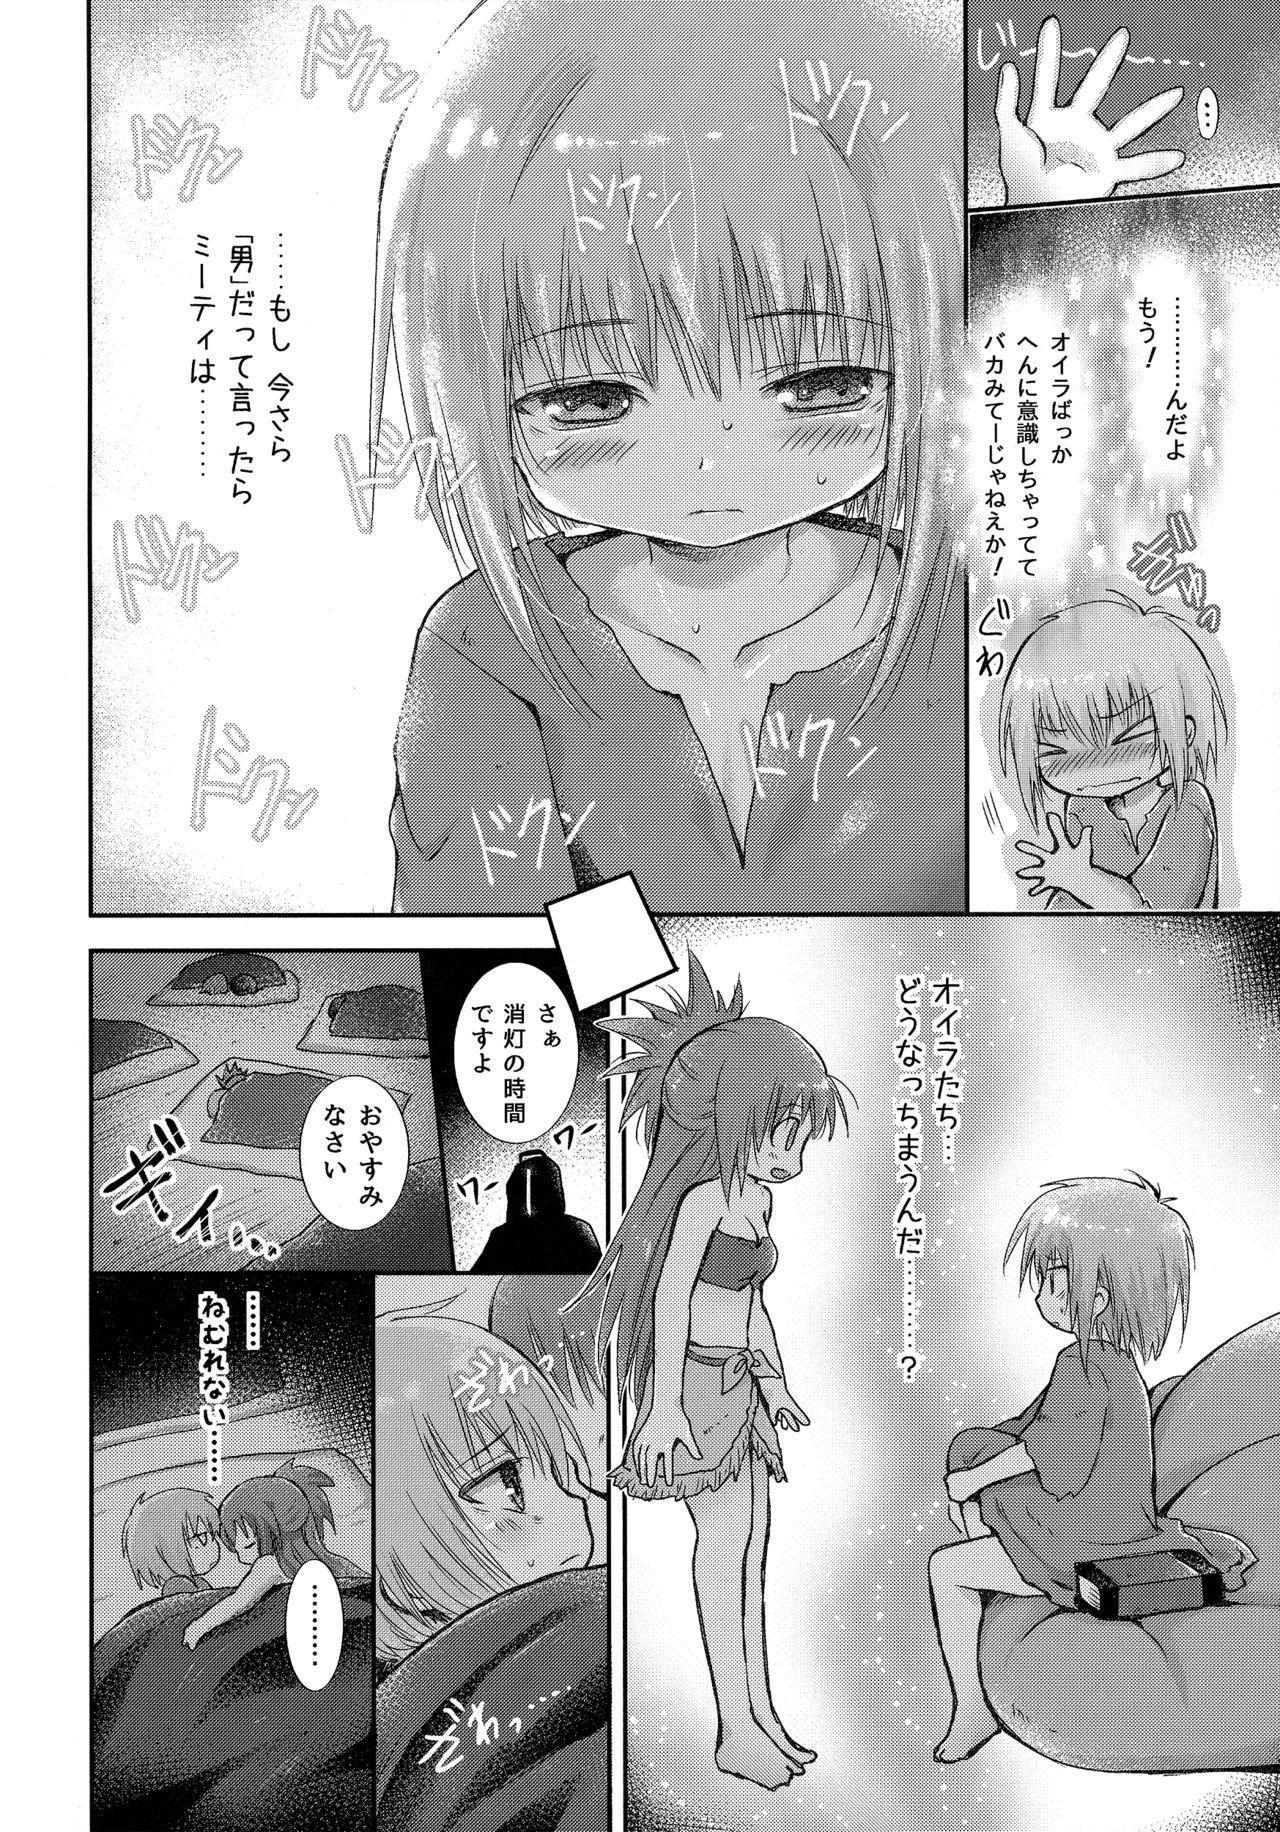 Hajimete no Takaramono 6